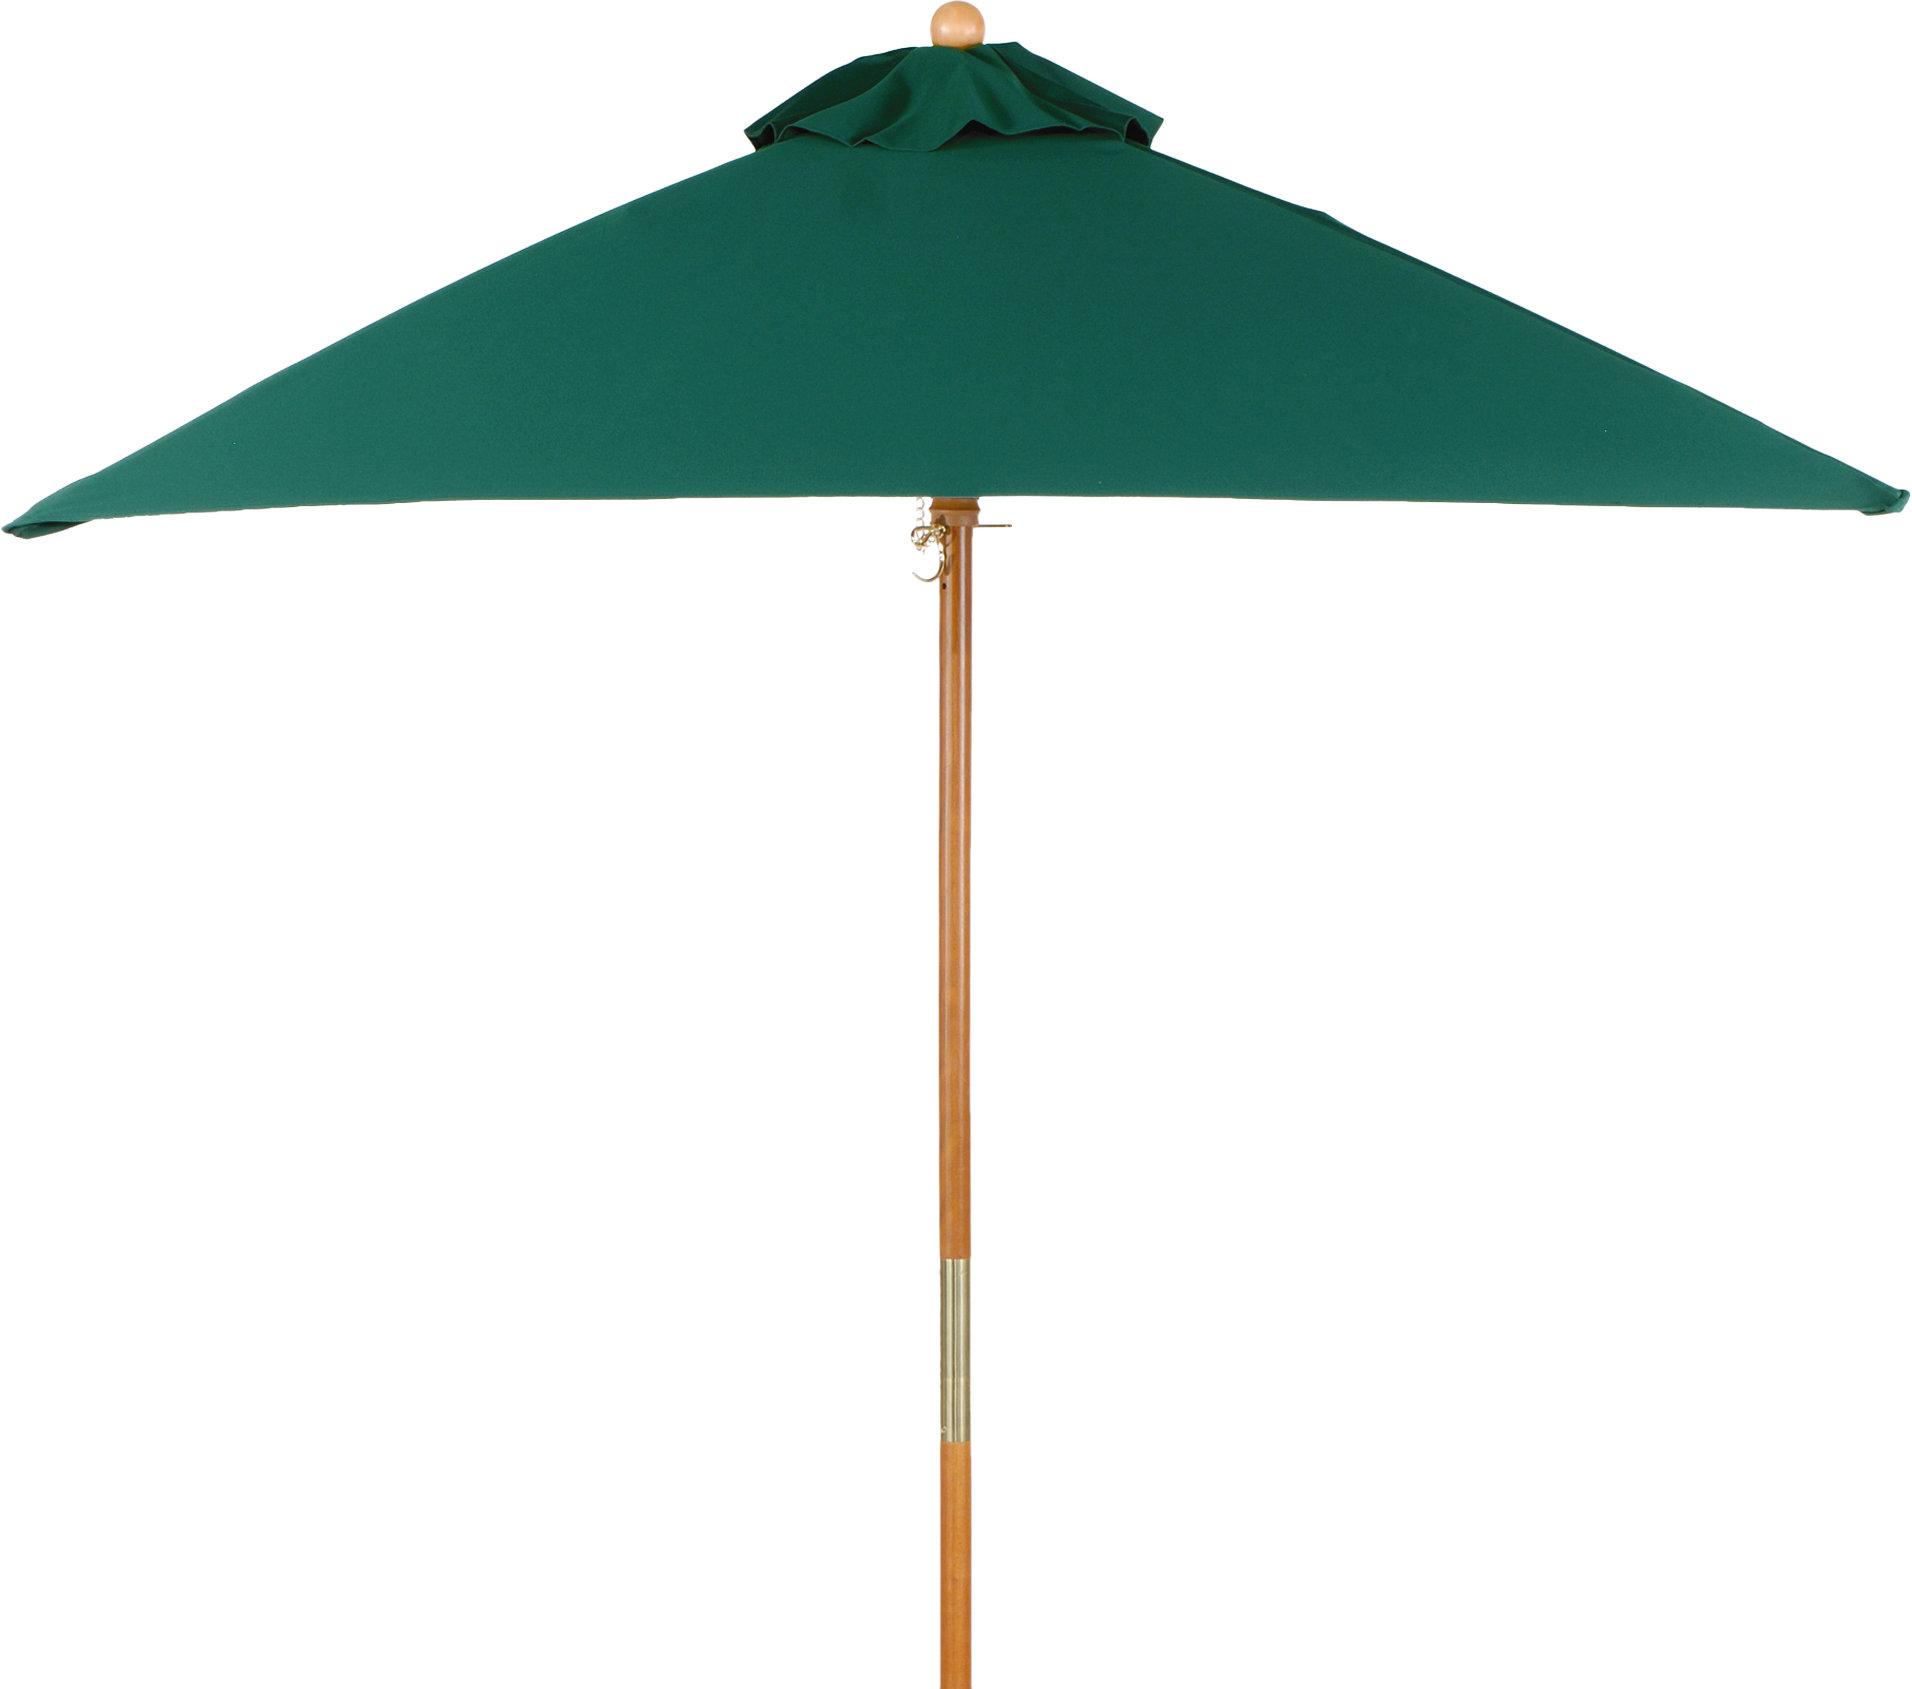 6' Oxford Square Market Umbrella With Regard To 2019 Maglione Fabric 4cantilever Umbrellas (View 12 of 20)